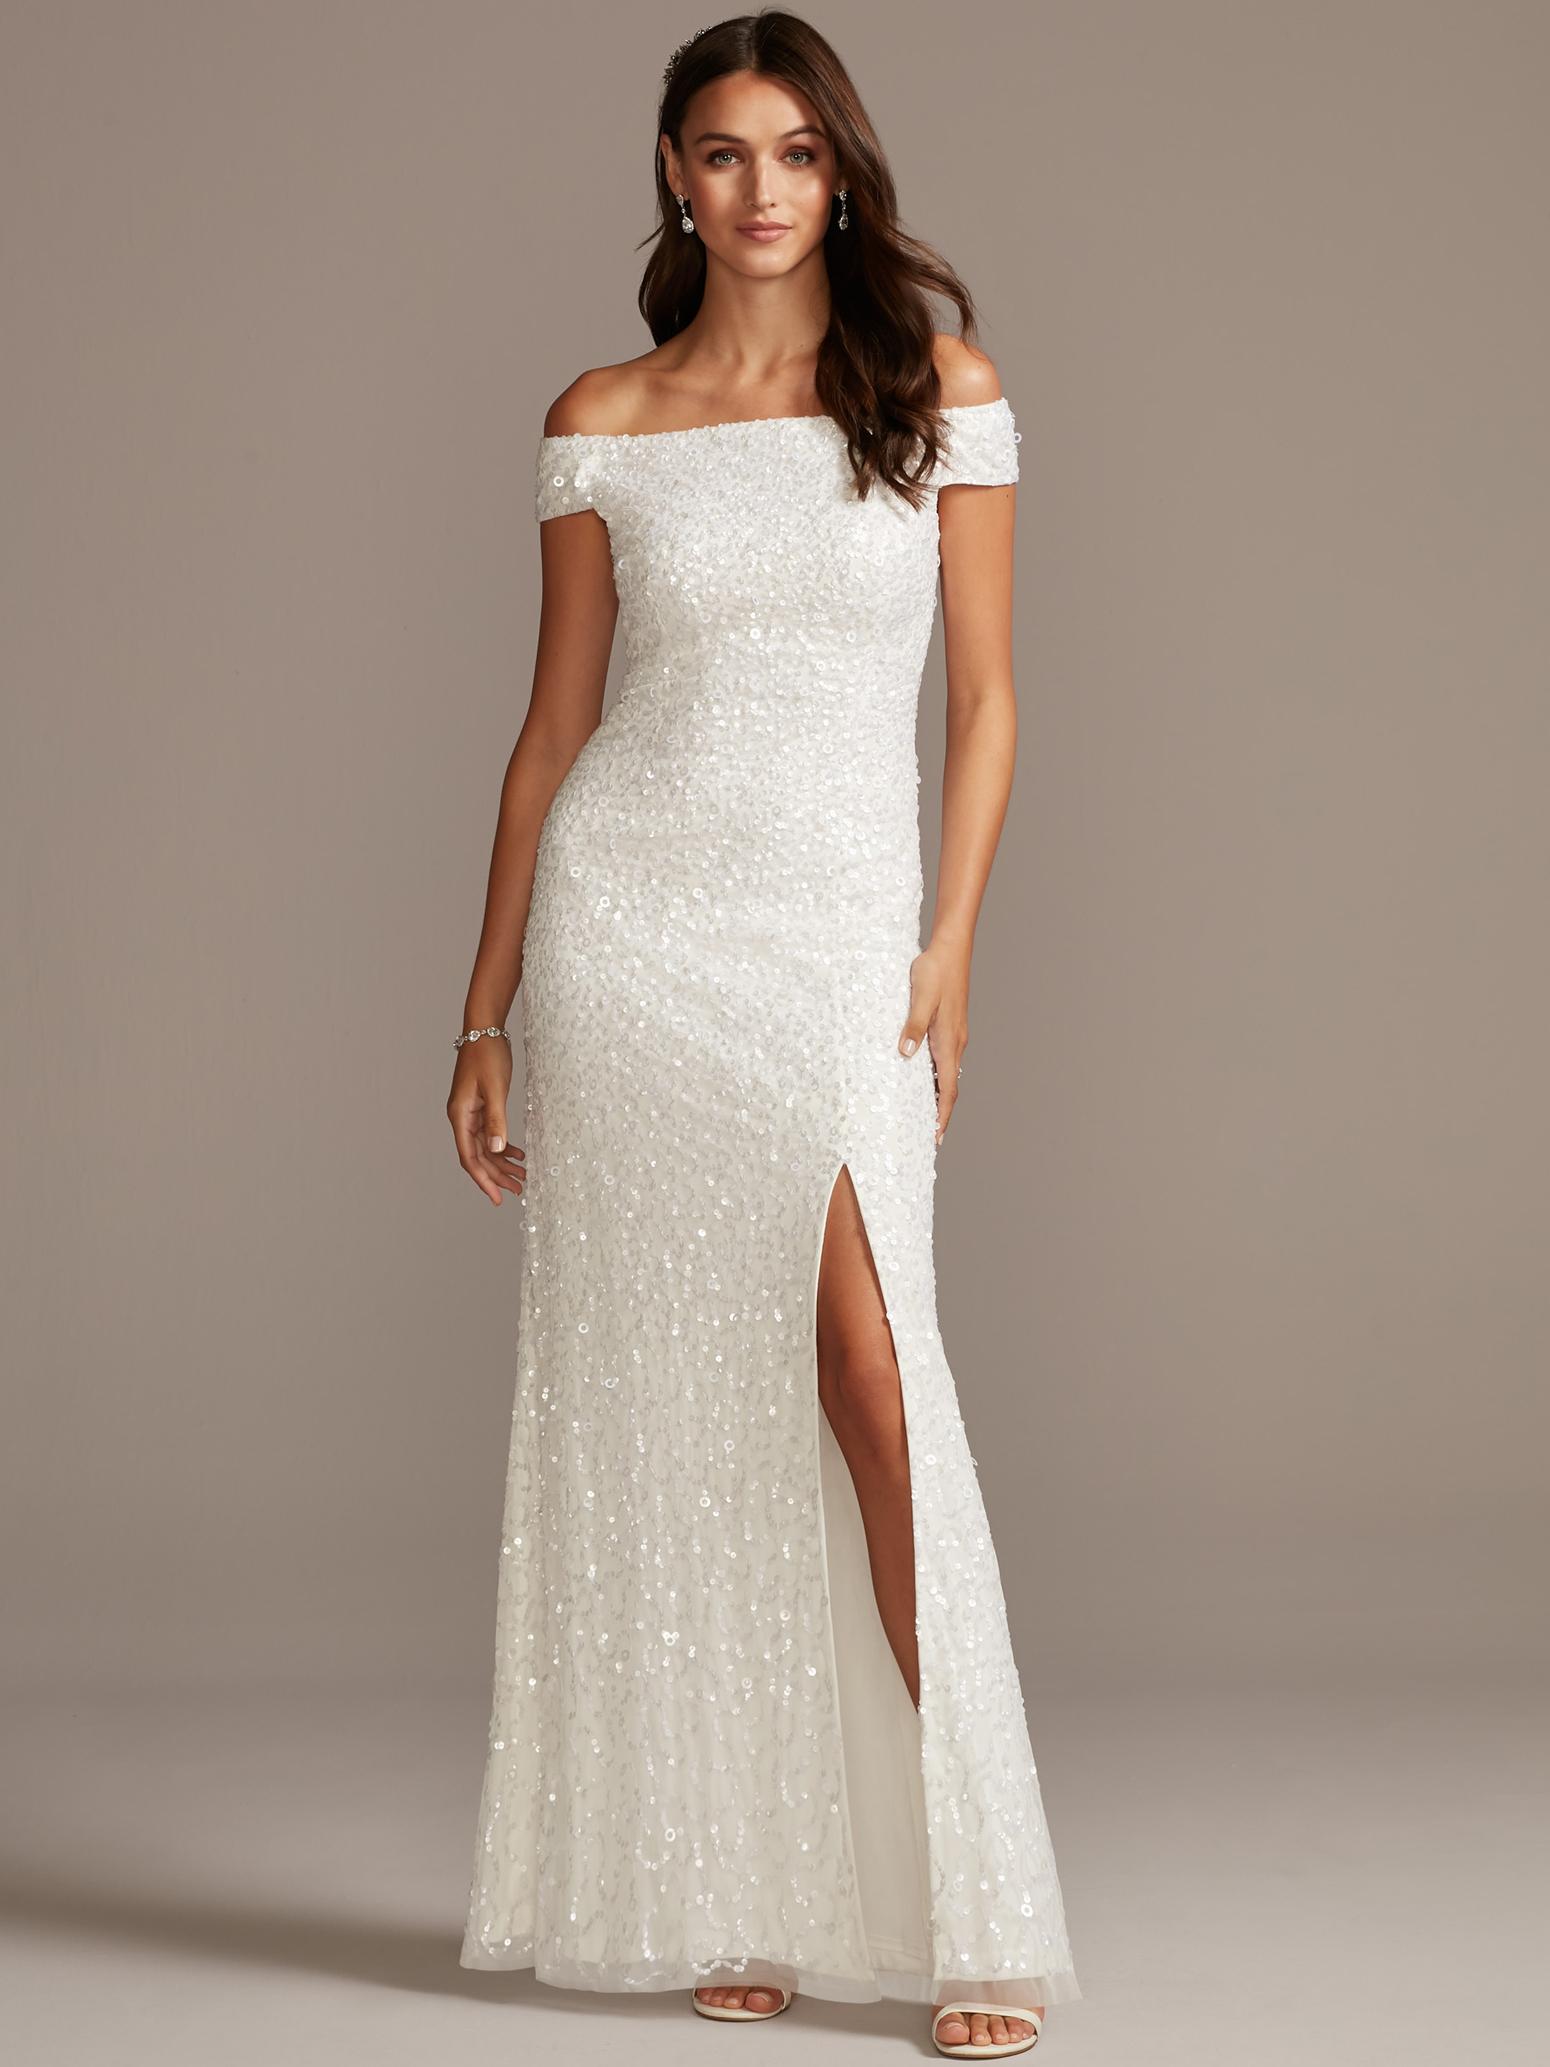 davids bridal db studio off the shoulder sequin side slit wedding dress fall 2020